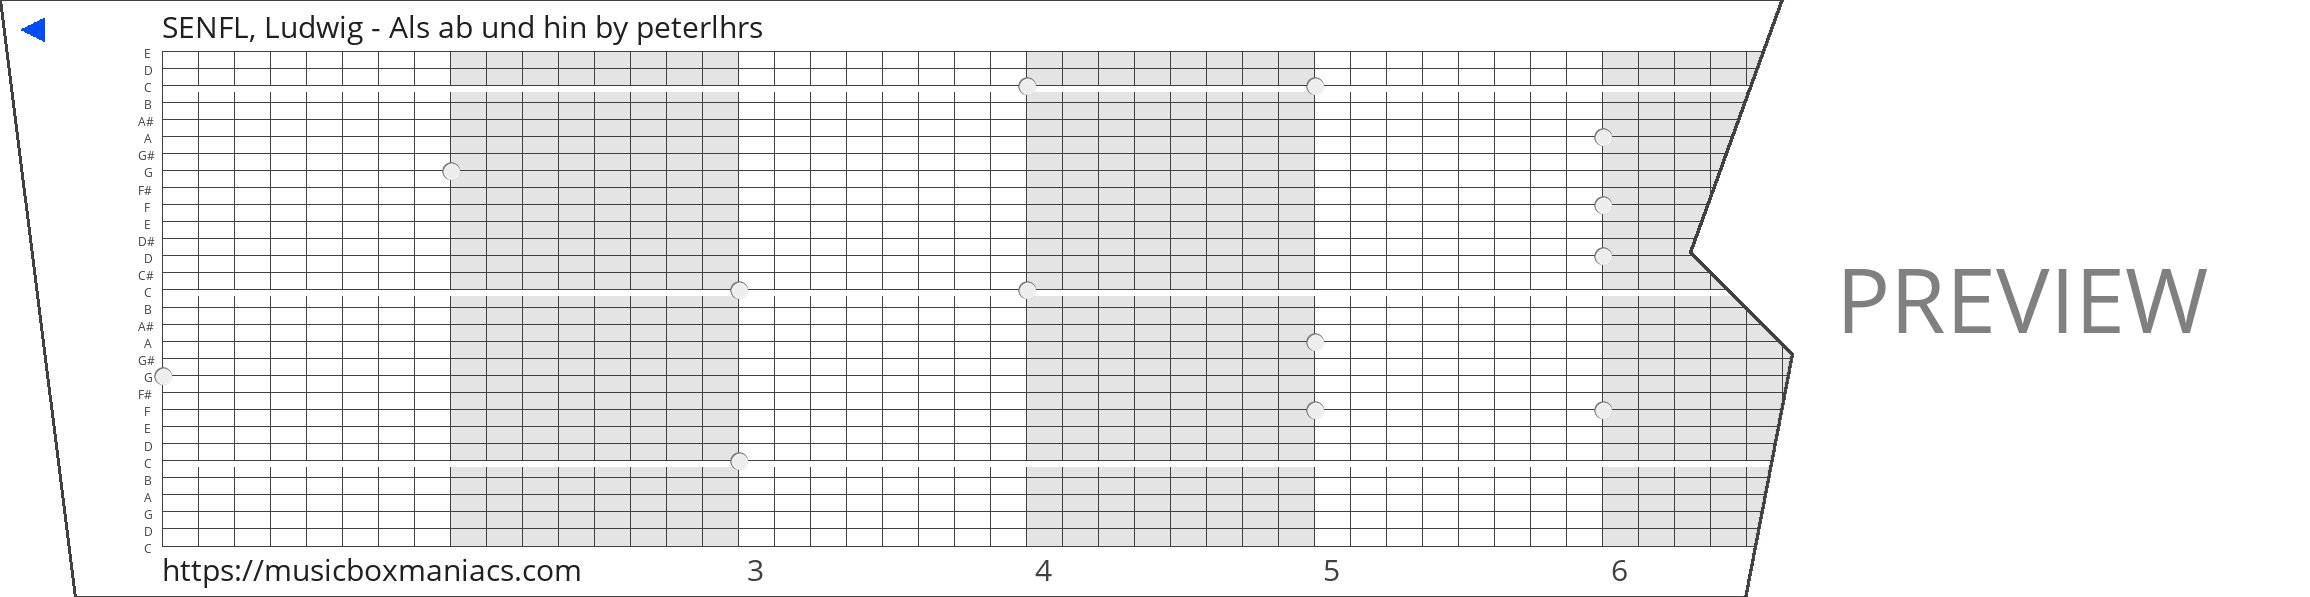 SENFL, Ludwig - Als ab und hin 30 note music box paper strip